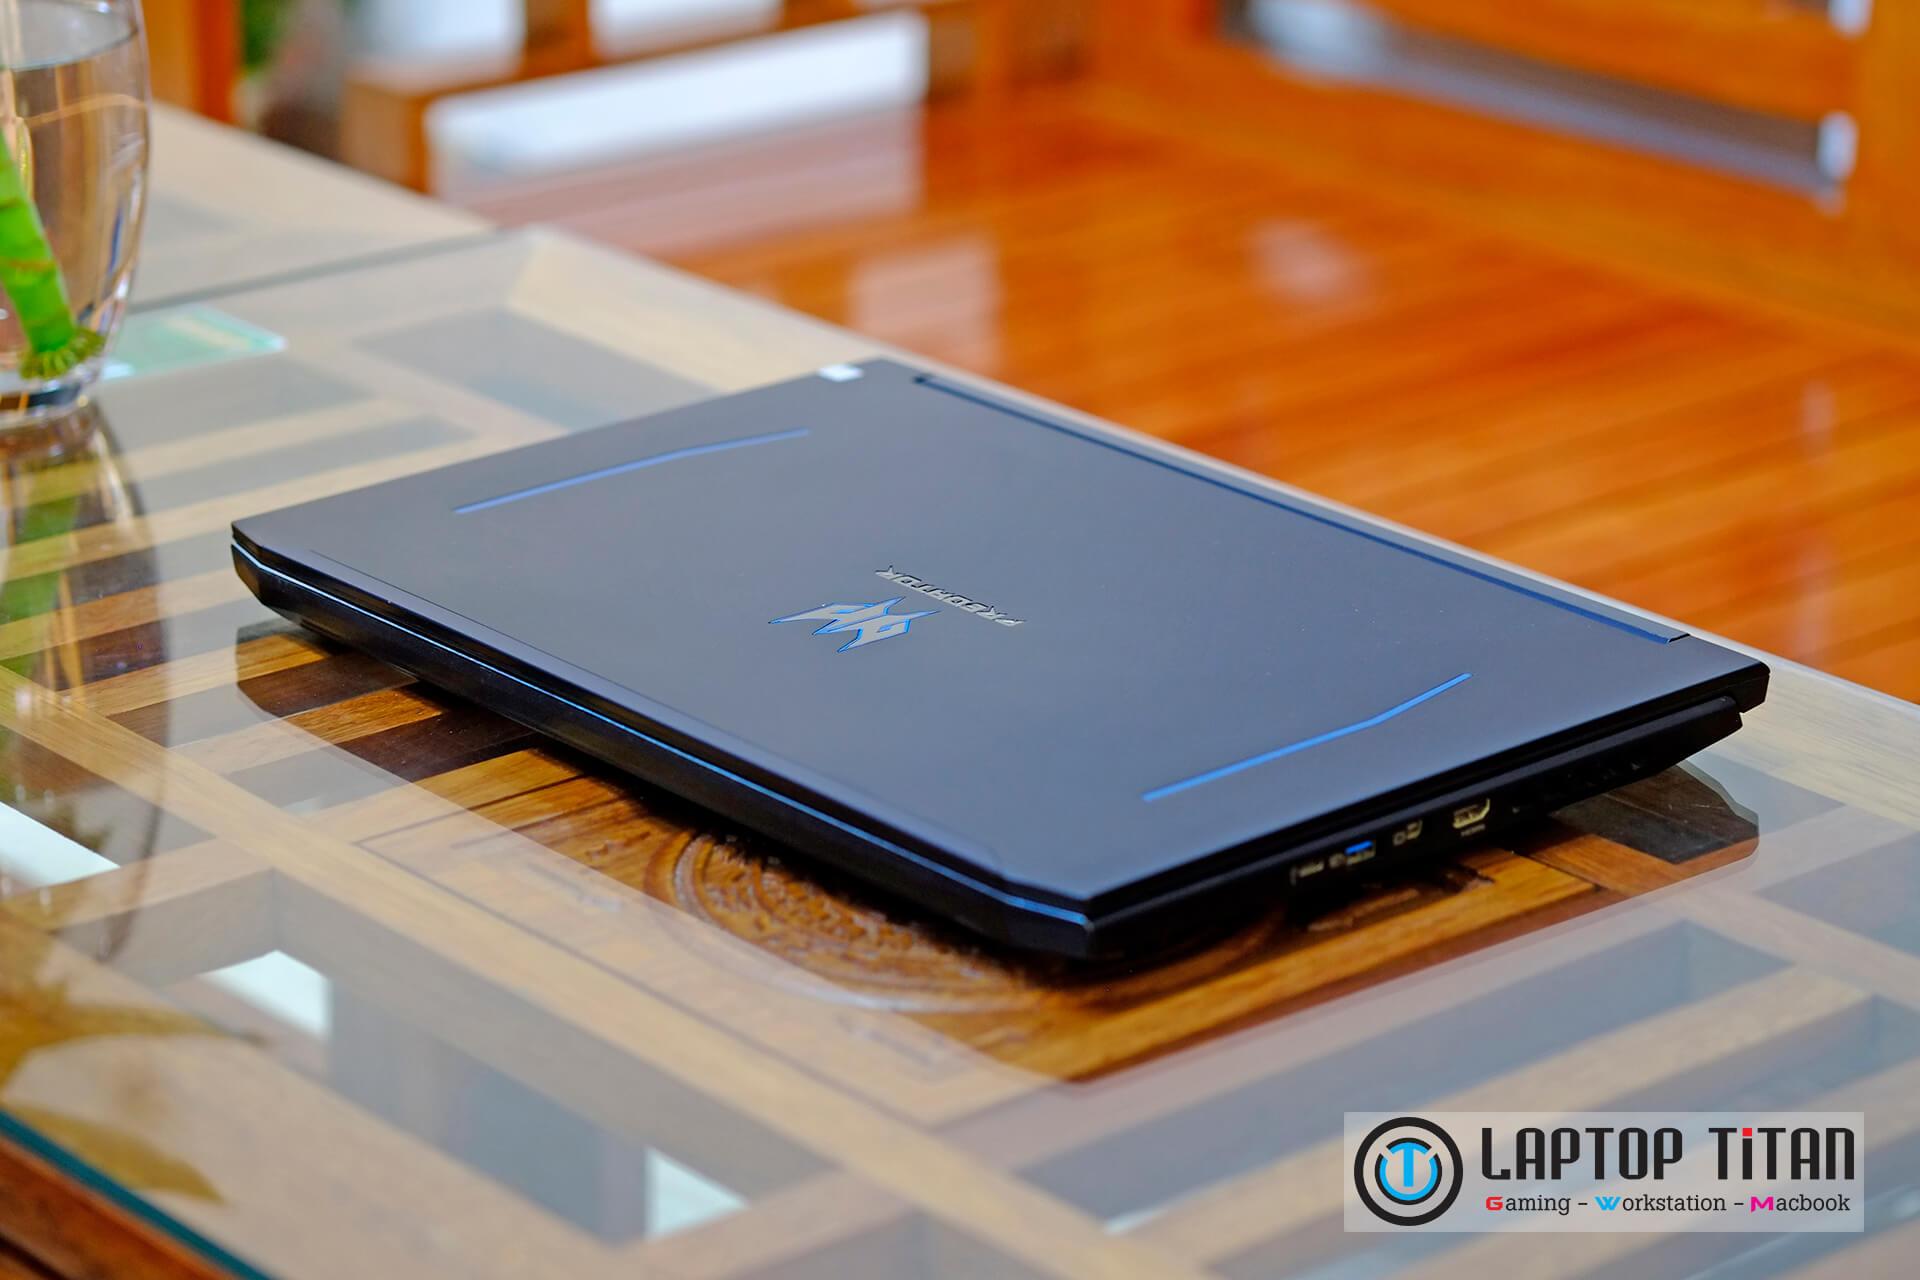 Acer Helios 300 I7 9750H 06